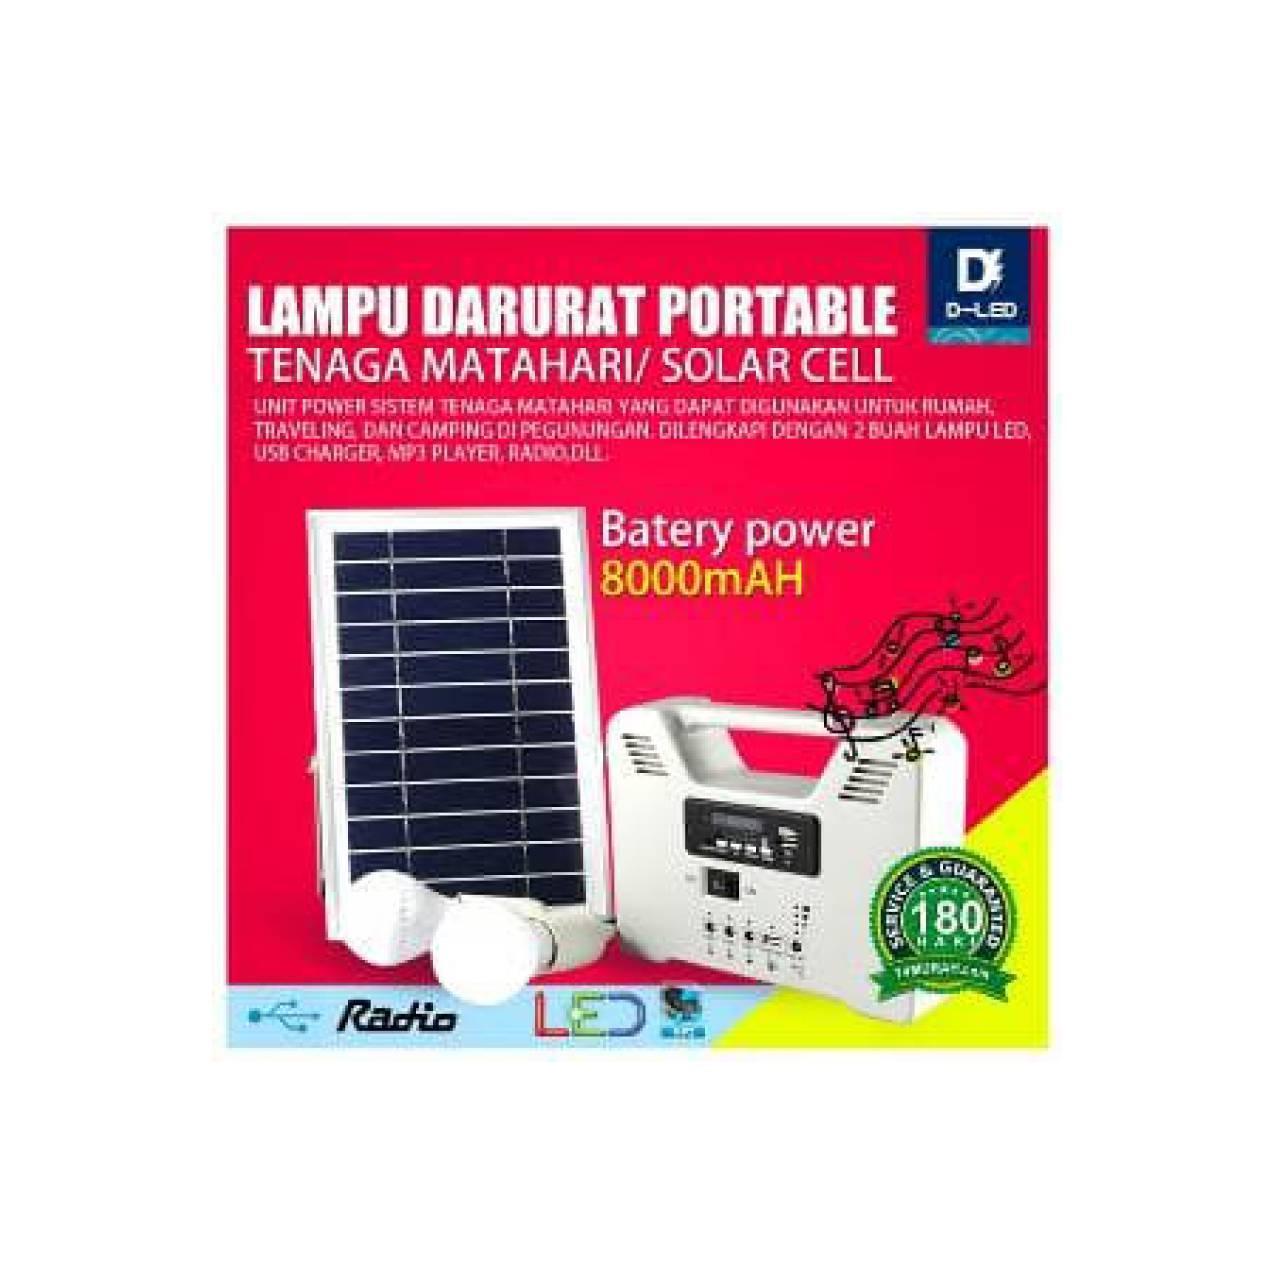 Emergency Lentera Tarik Powerbank Solar Lampu Led Camping Murah . Source · Lampu Darurat Emergency Solar